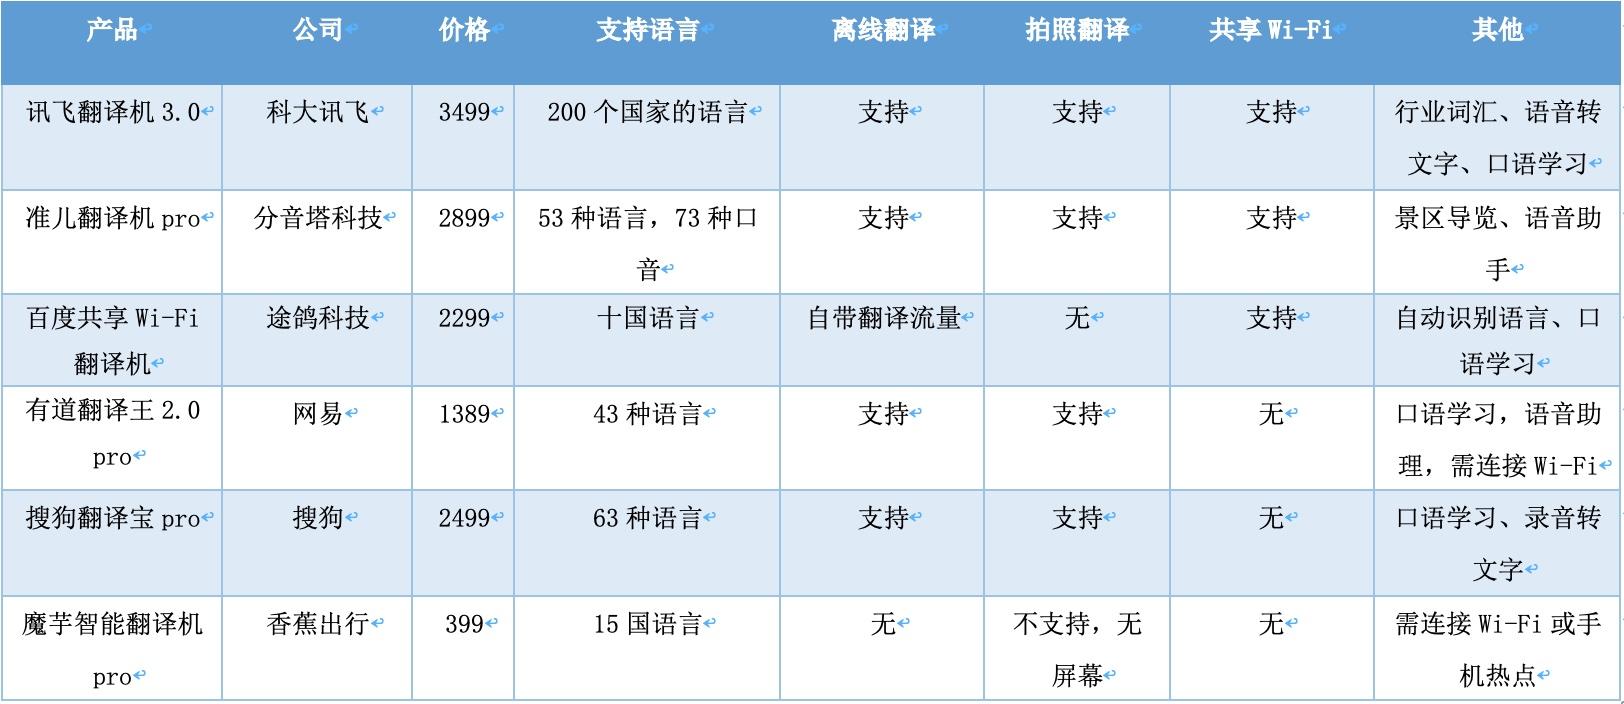 起步阶段问题多:翻译机的旅游时机还有多久到?